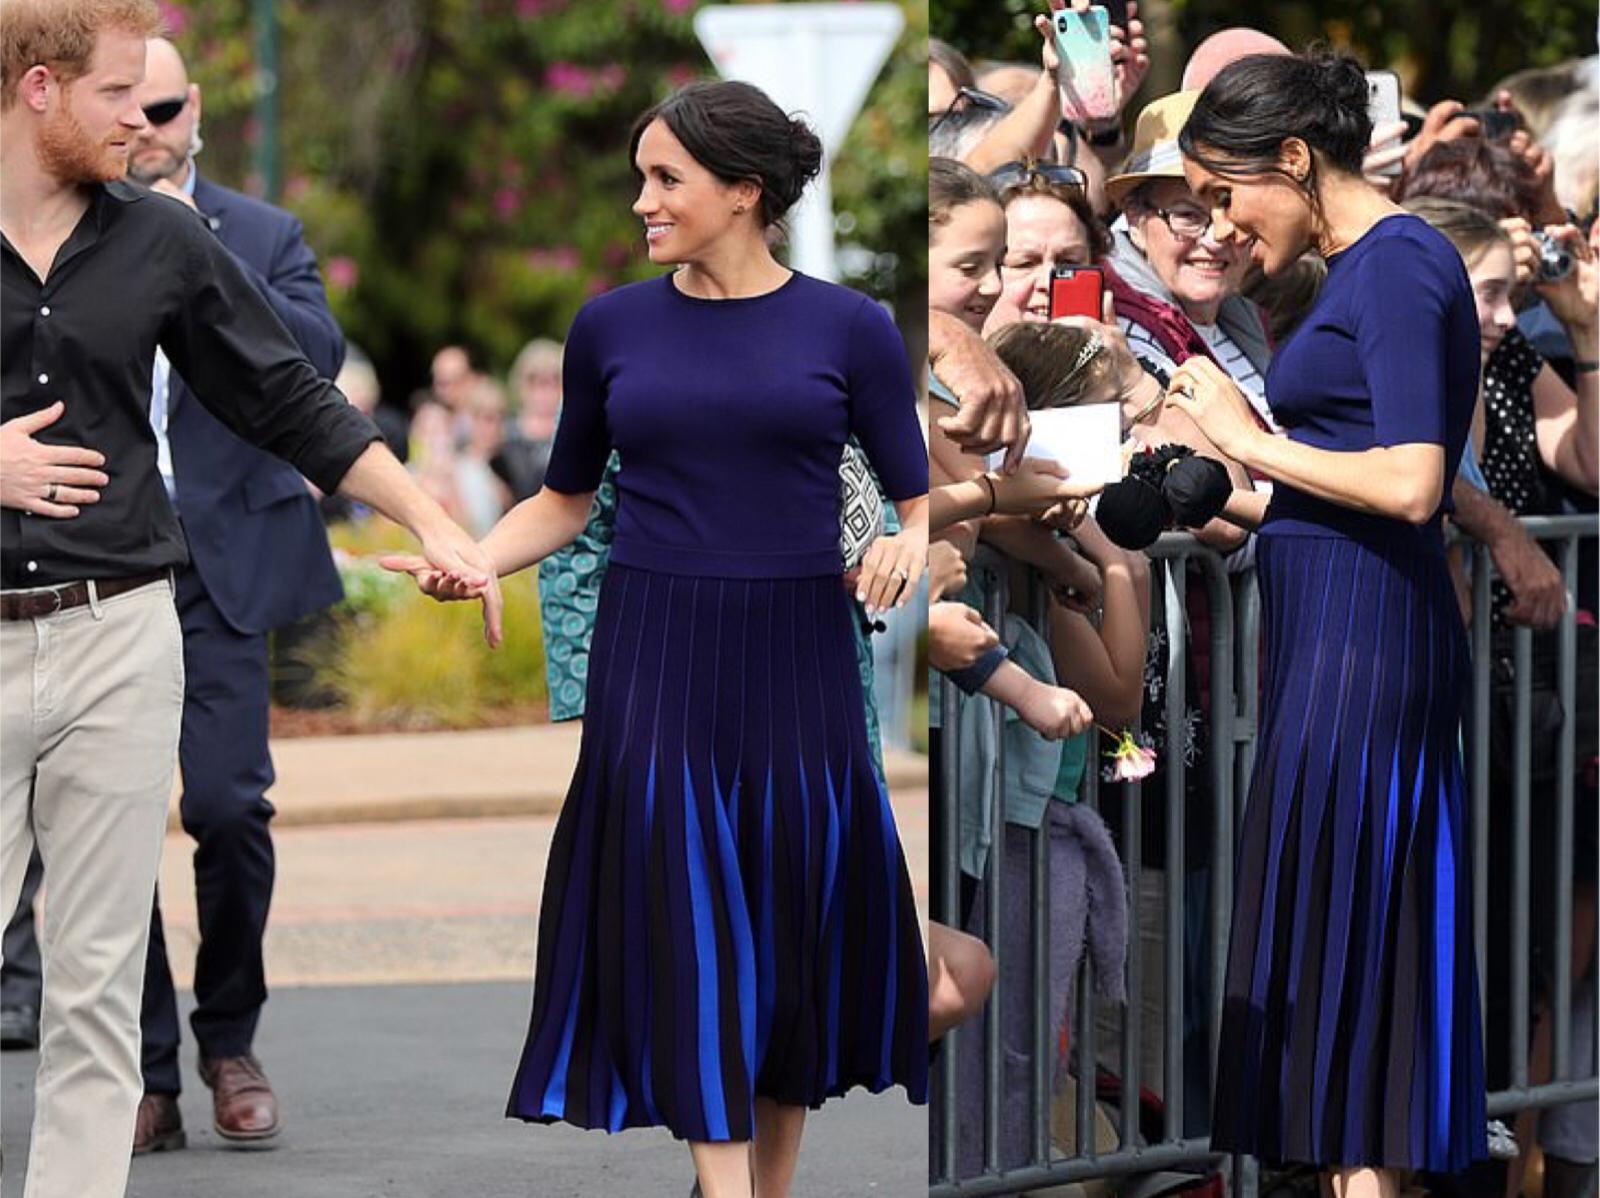 梅根出访最后一天竟穿半透视百褶裙,遭外媒批评,王室这么宽容?